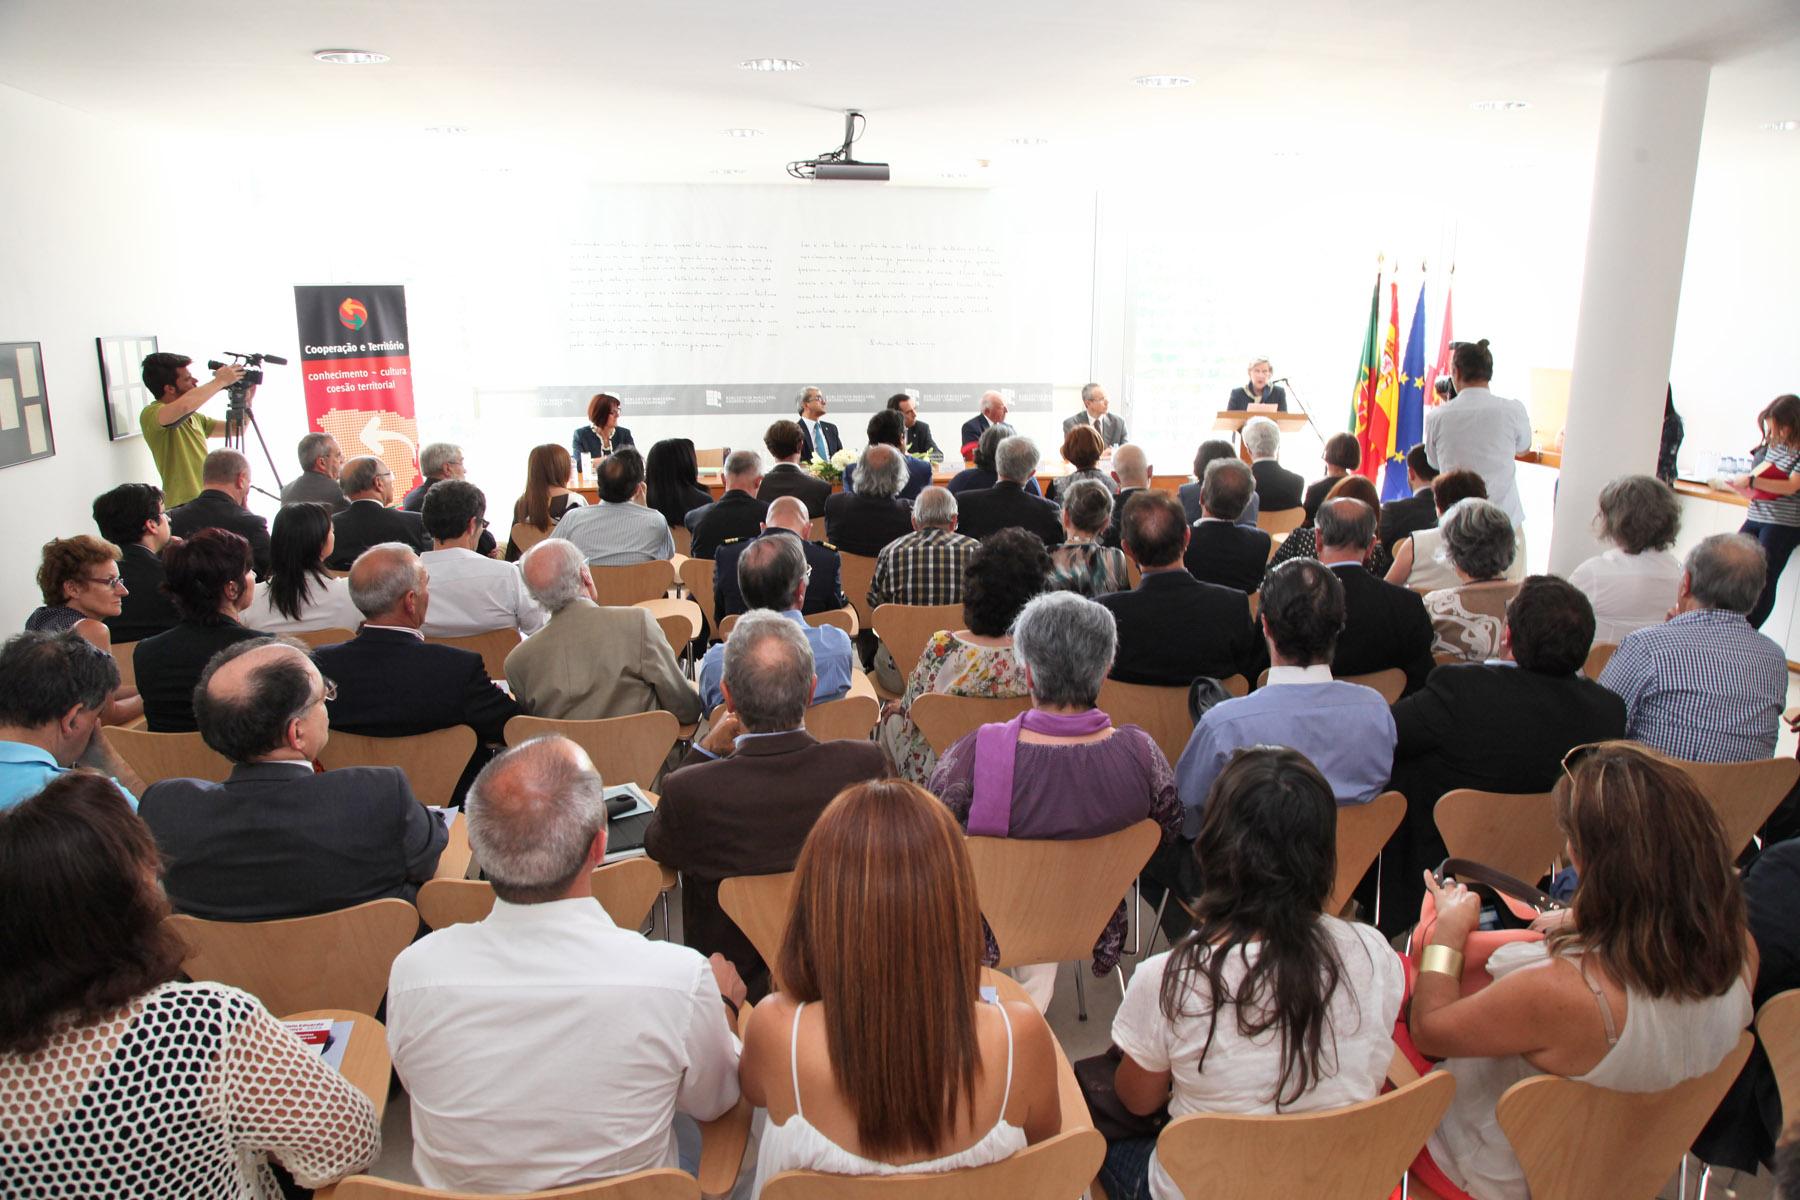 La escritora portuguesa Agustina Bessa-Luís recibe el Premio Eduardo Lourenço 2015